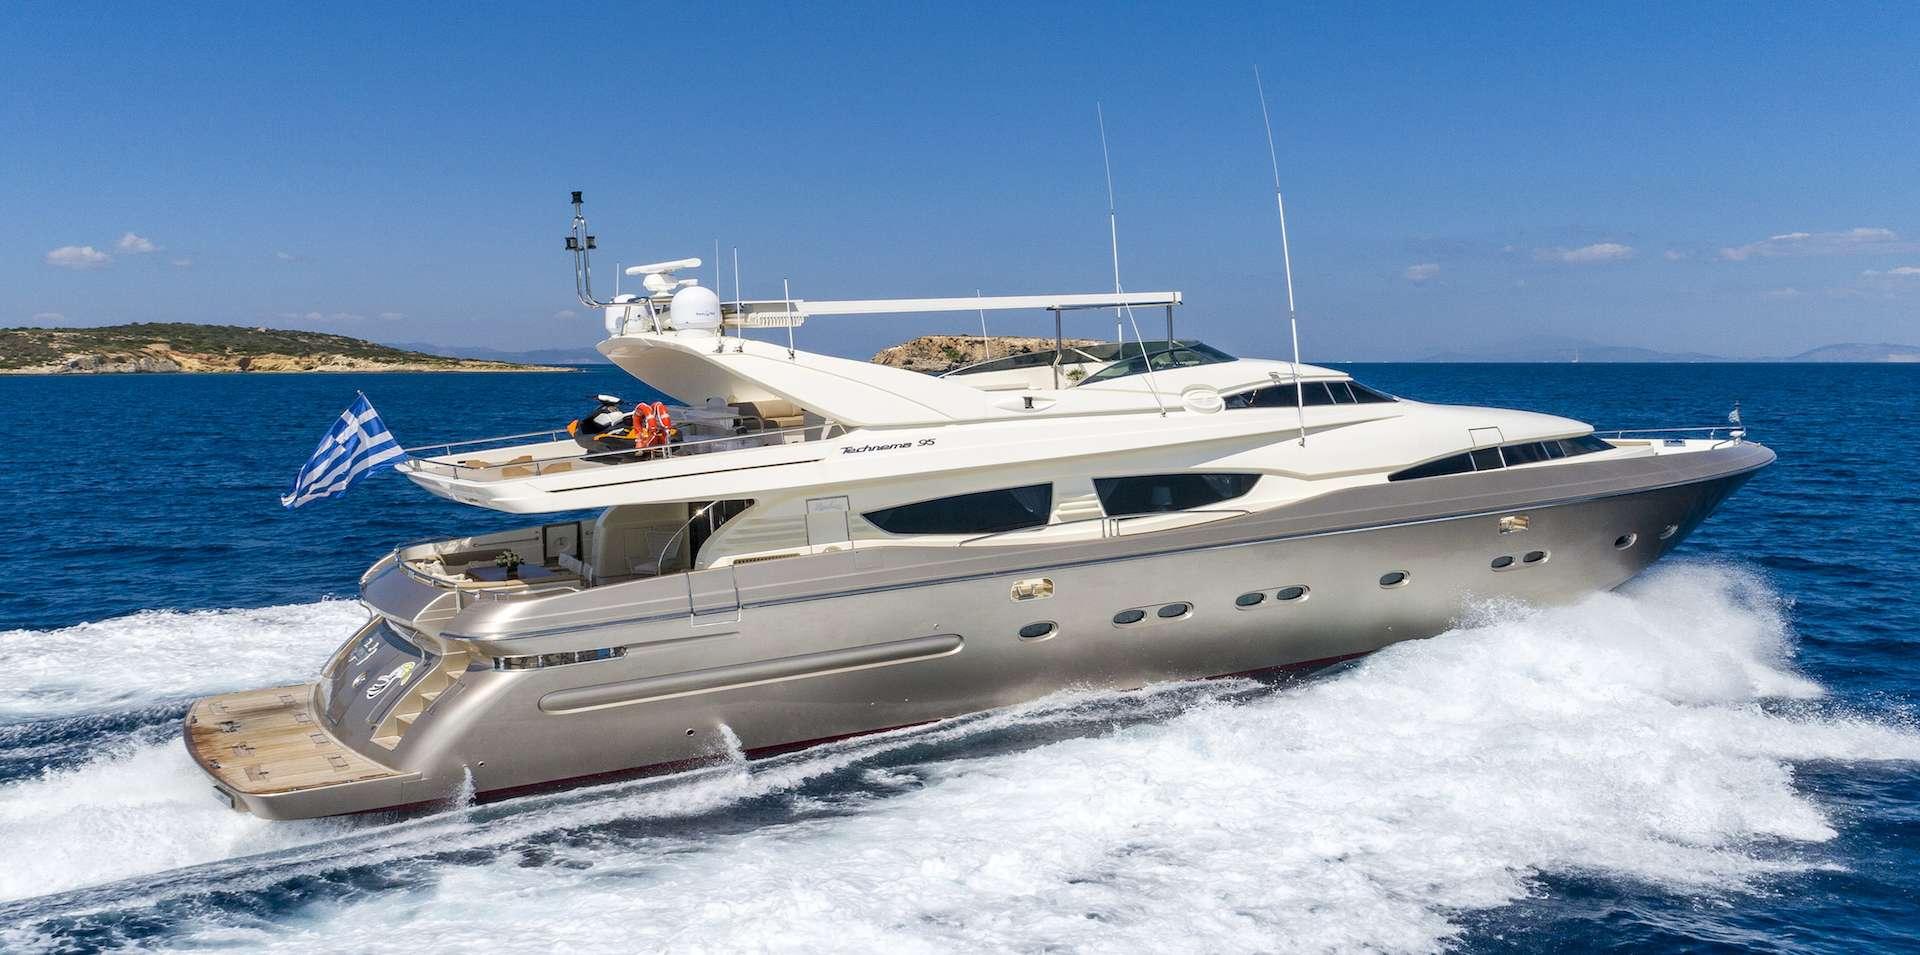 Main image of ZAMBEZI yacht